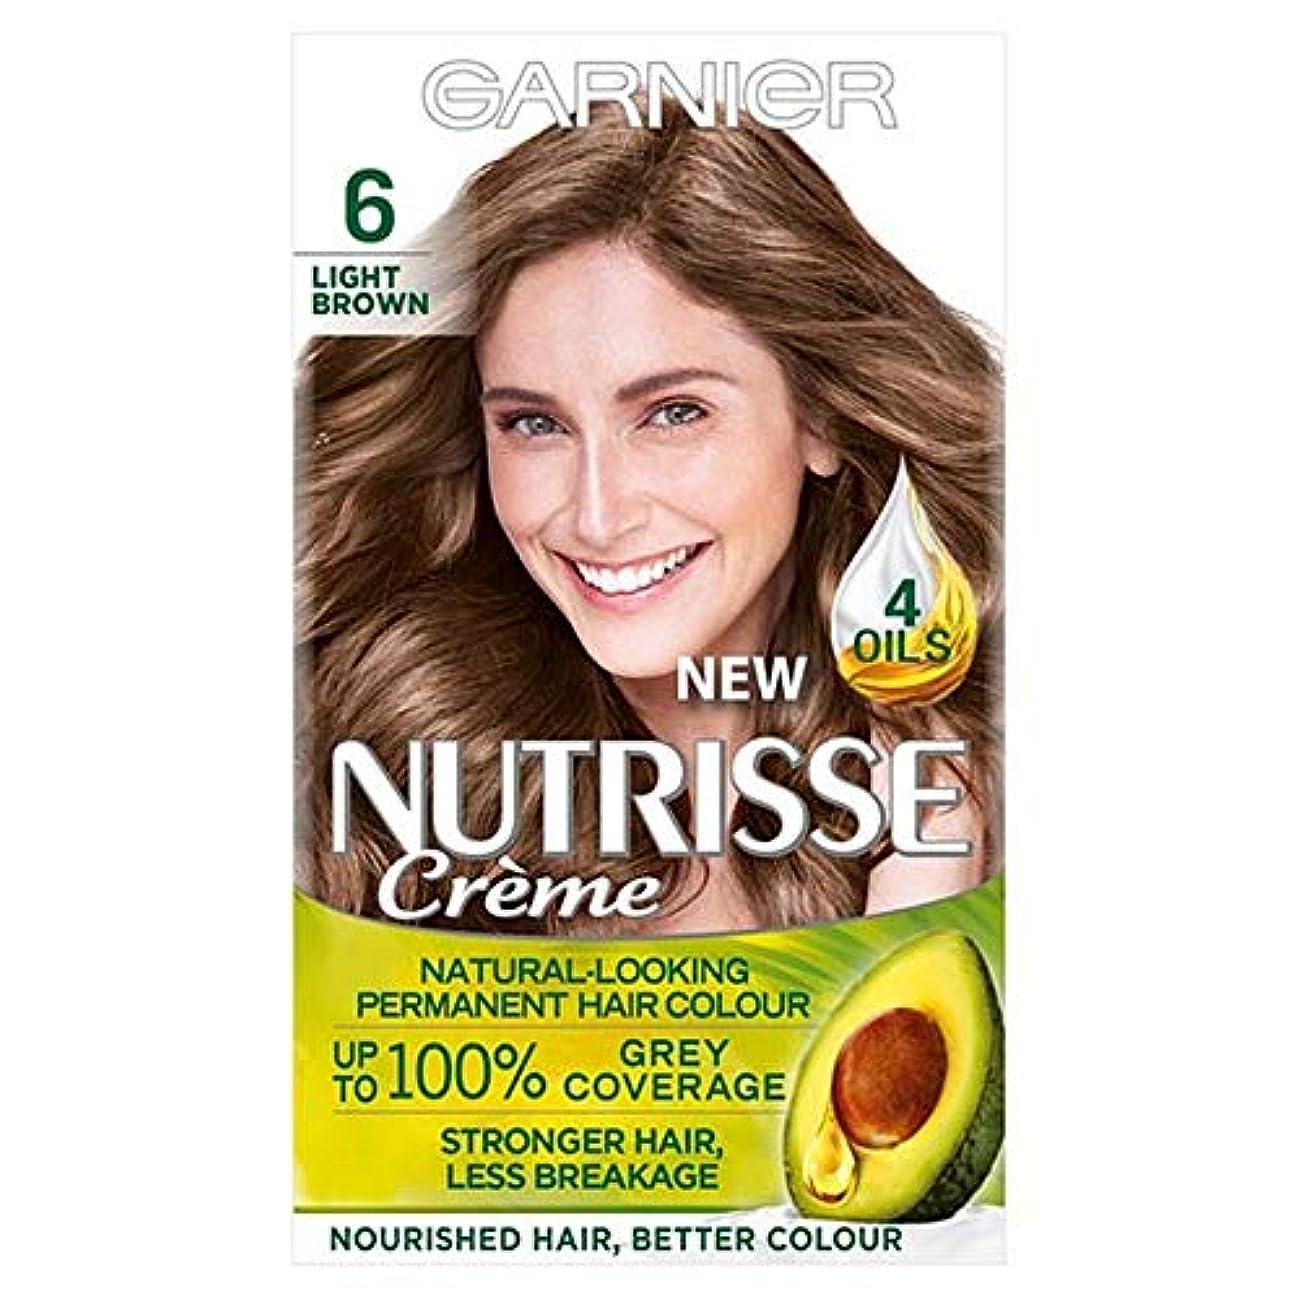 哲学アパル認可[Nutrisse] ガルニエNutrisse 6ライトブラウンパーマネントヘアダイ - Garnier Nutrisse 6 Light Brown Permanent Hair Dye [並行輸入品]